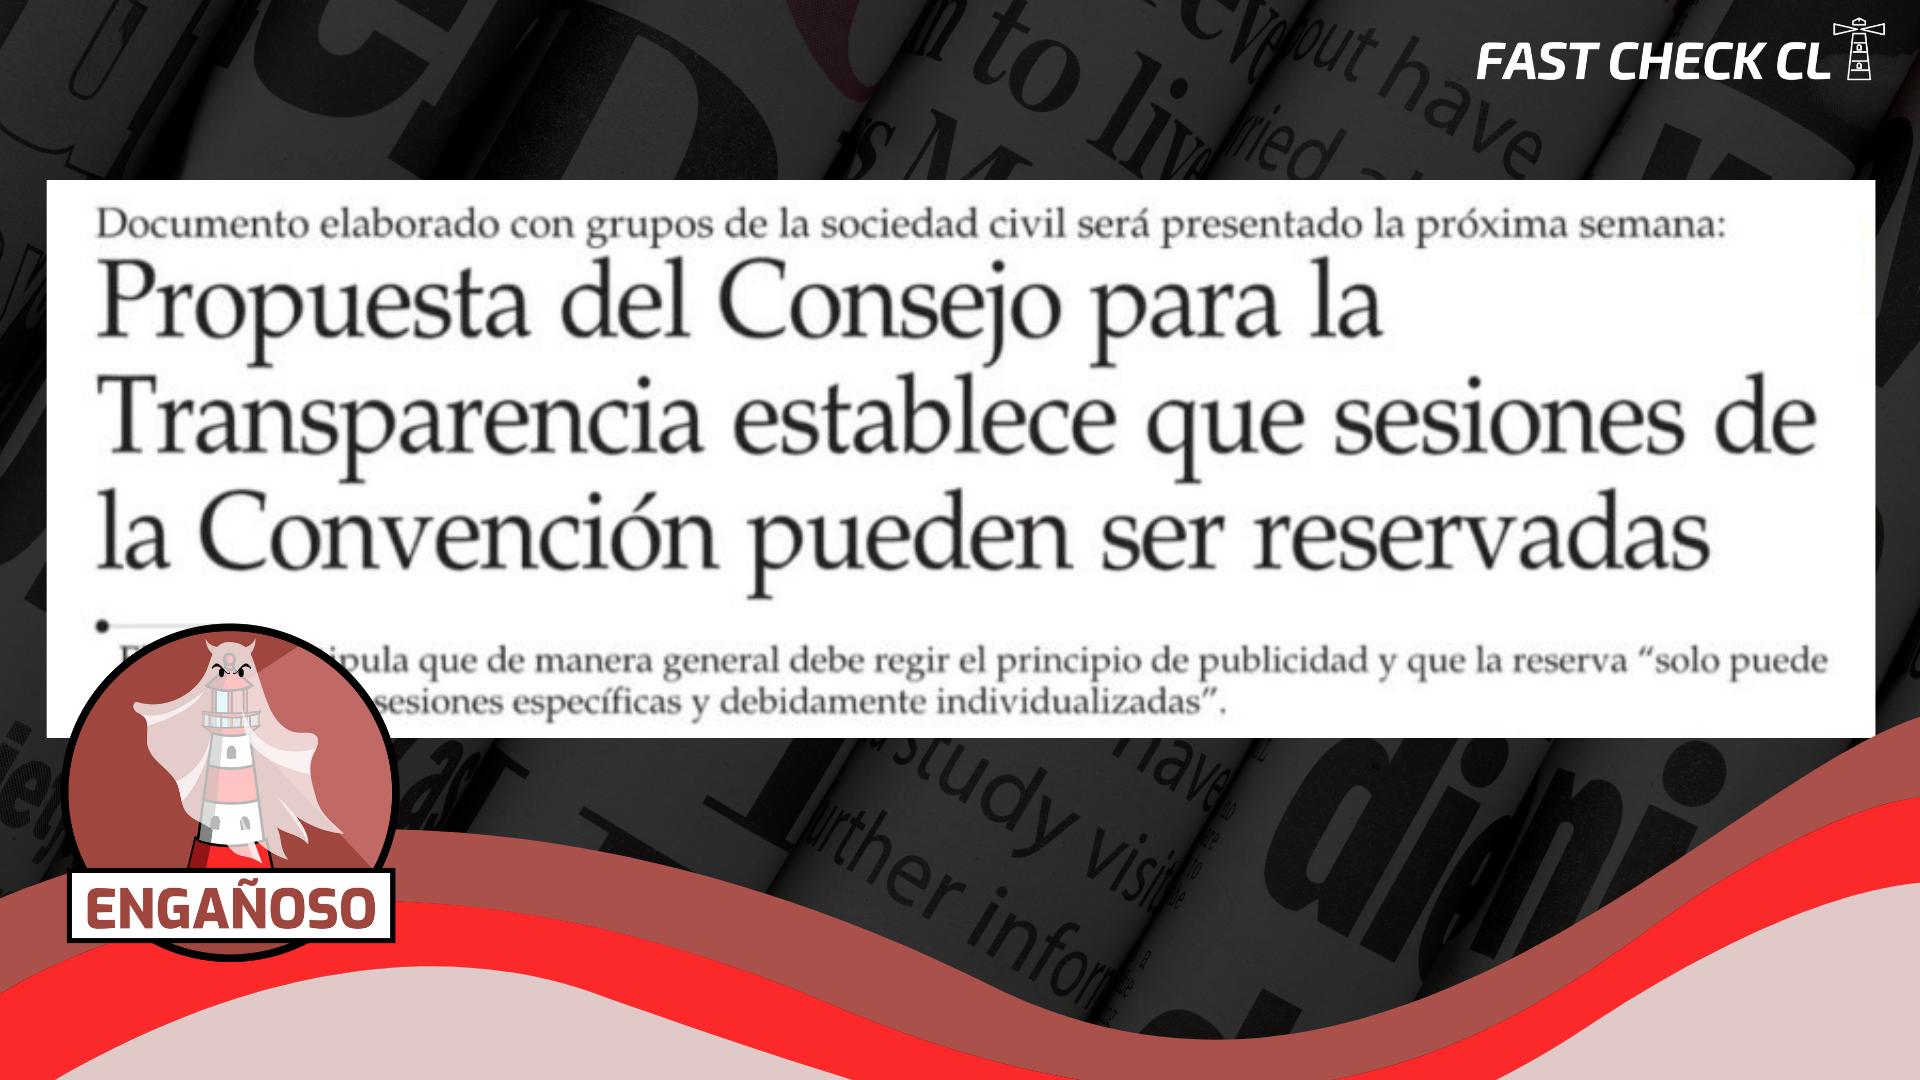 """""""Propuesta del Consejo para la Transparencia establece que sesiones de la Convención Constitucional pueden ser reservadas"""": #Engañoso"""